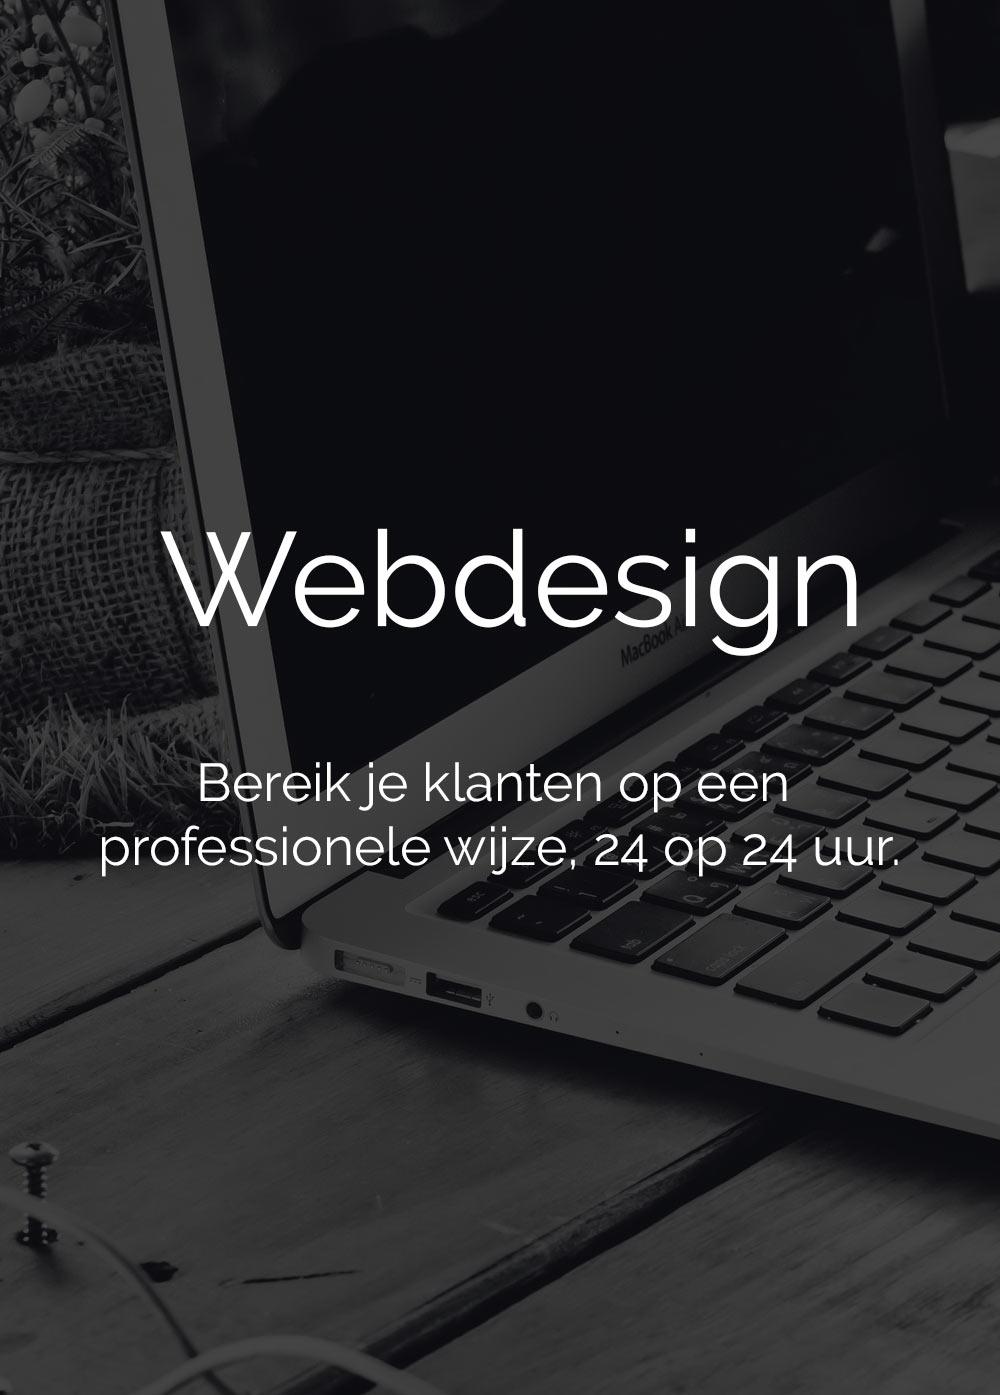 Webdesign - Bereik je klanten op een professionele wijze, 24 op 24 uur.